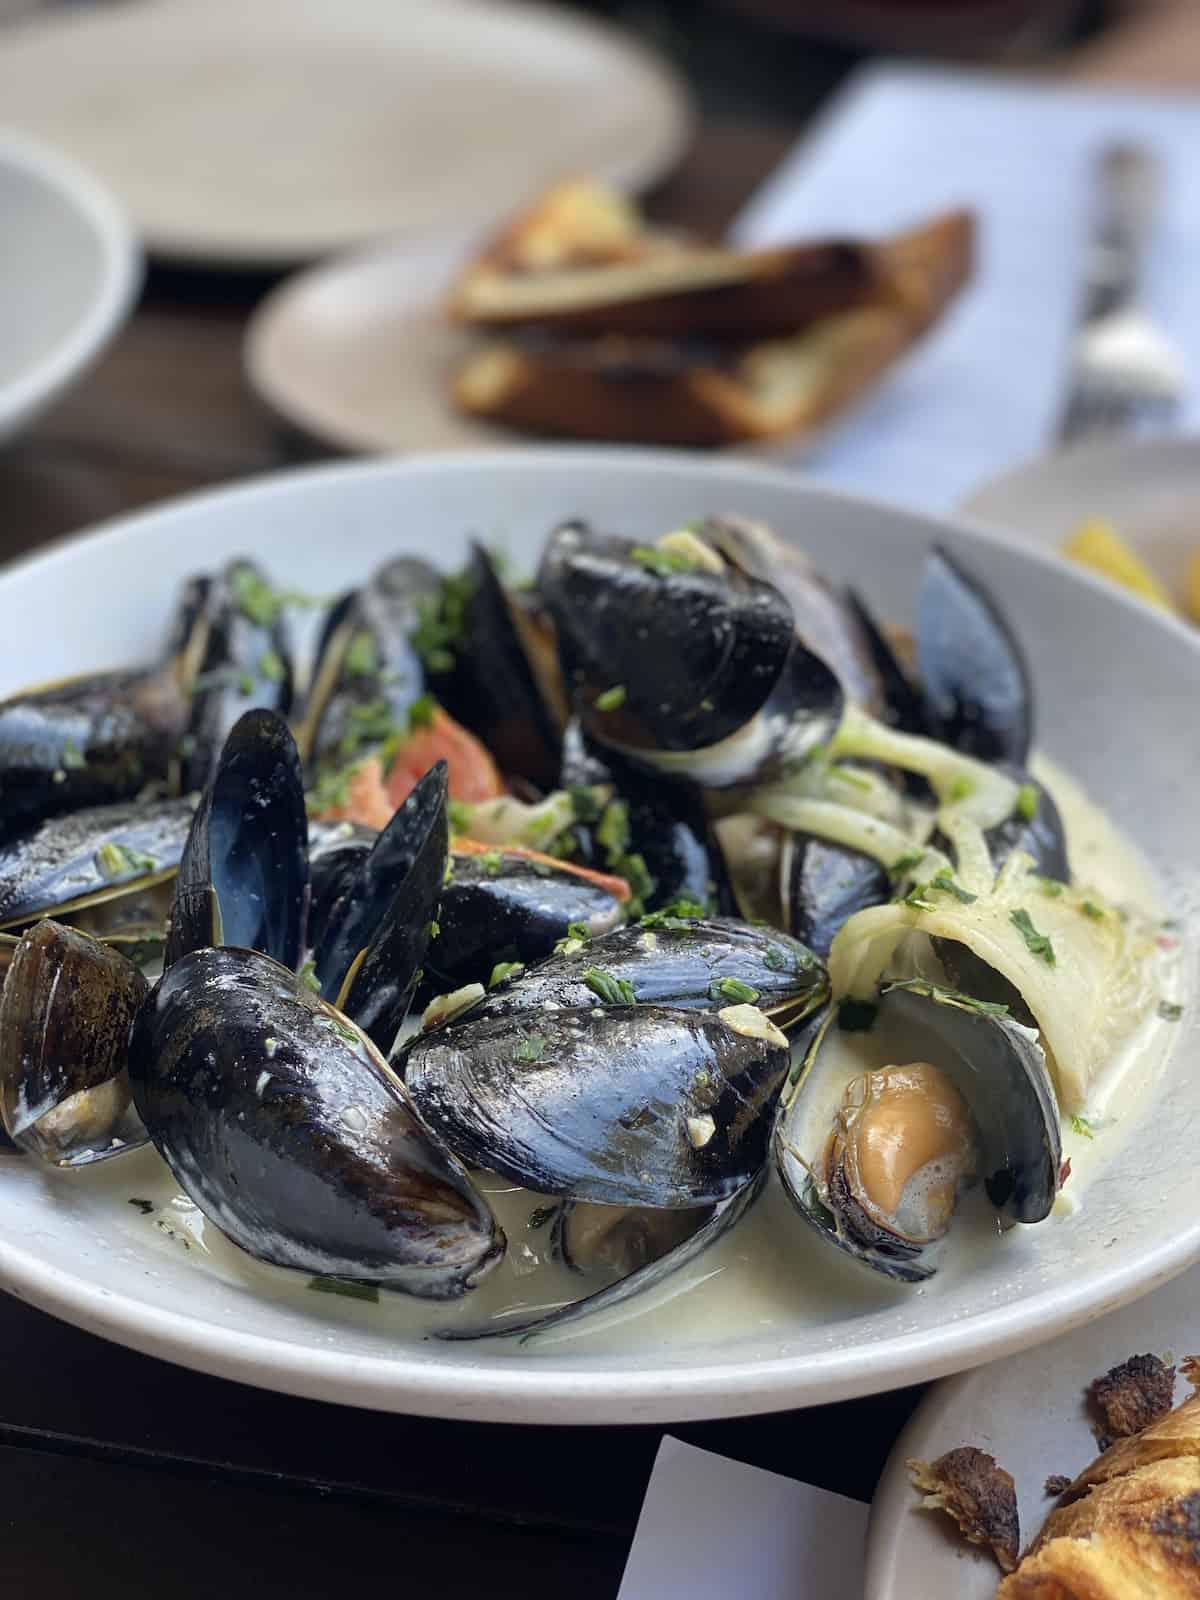 Mussels at Boca at Sarasota Restaurants.